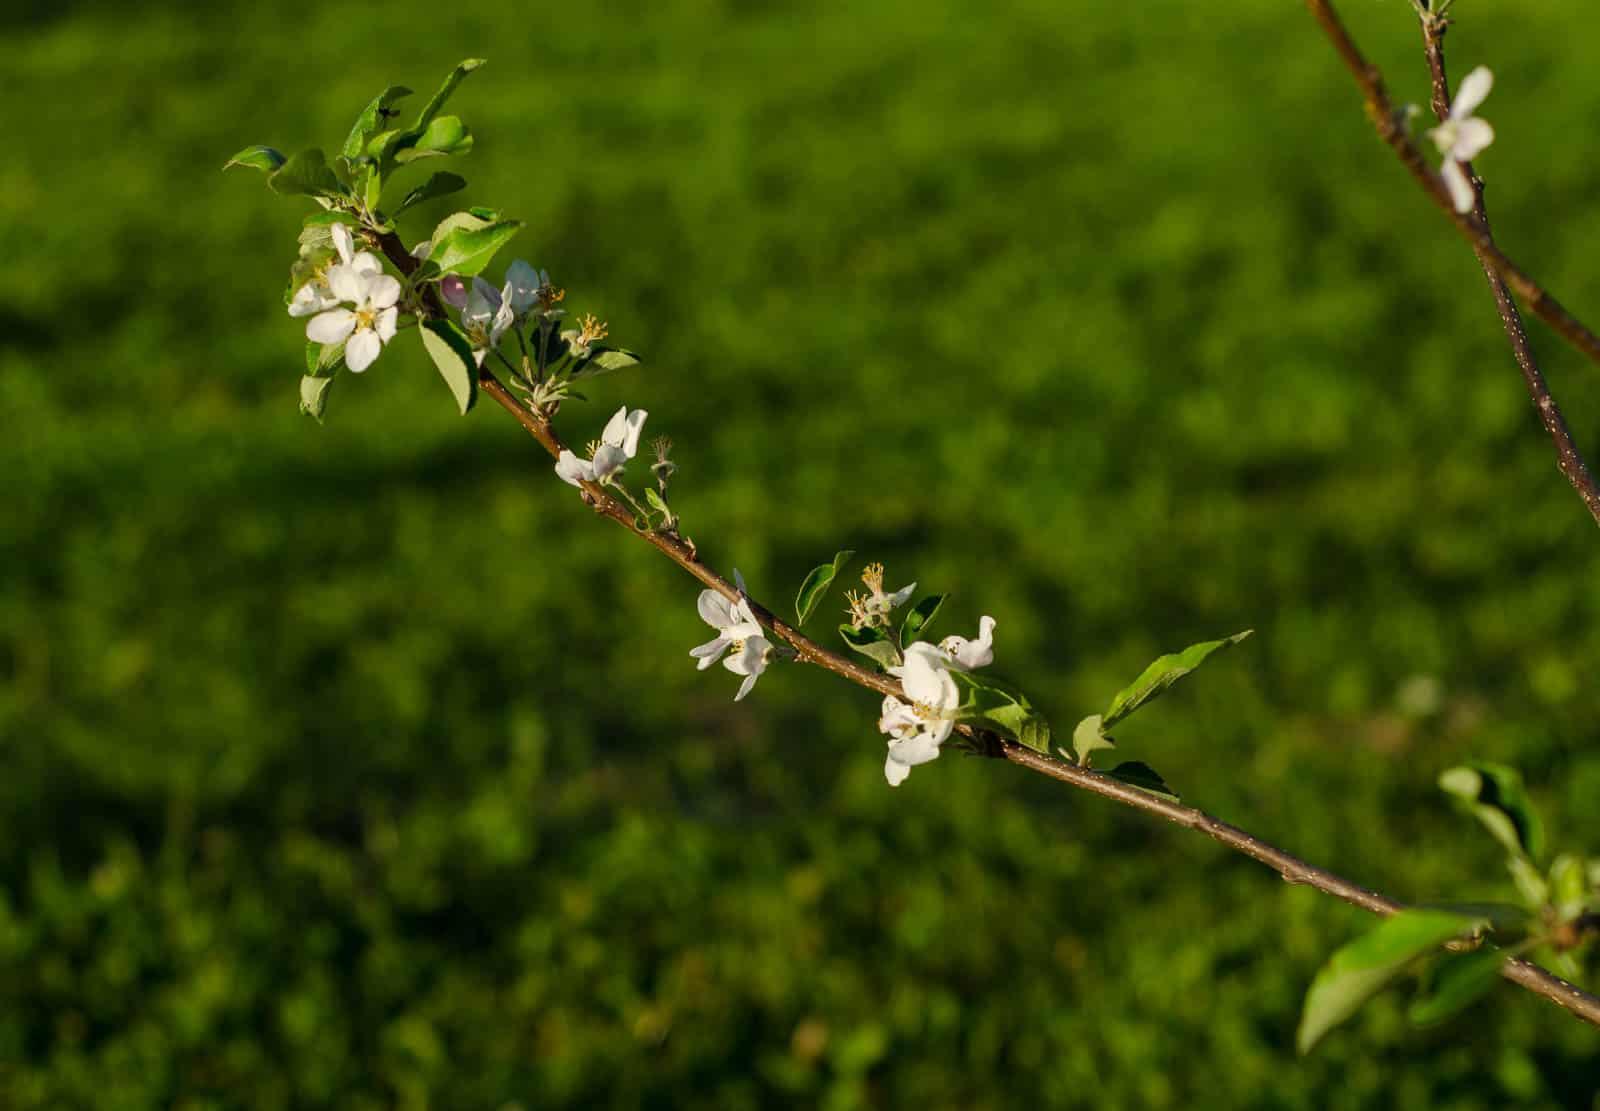 Äppelblom i juli känns inte helt naturligt. Men jag räknar med att träden har bättre koll på årstiderna nästa säsong.